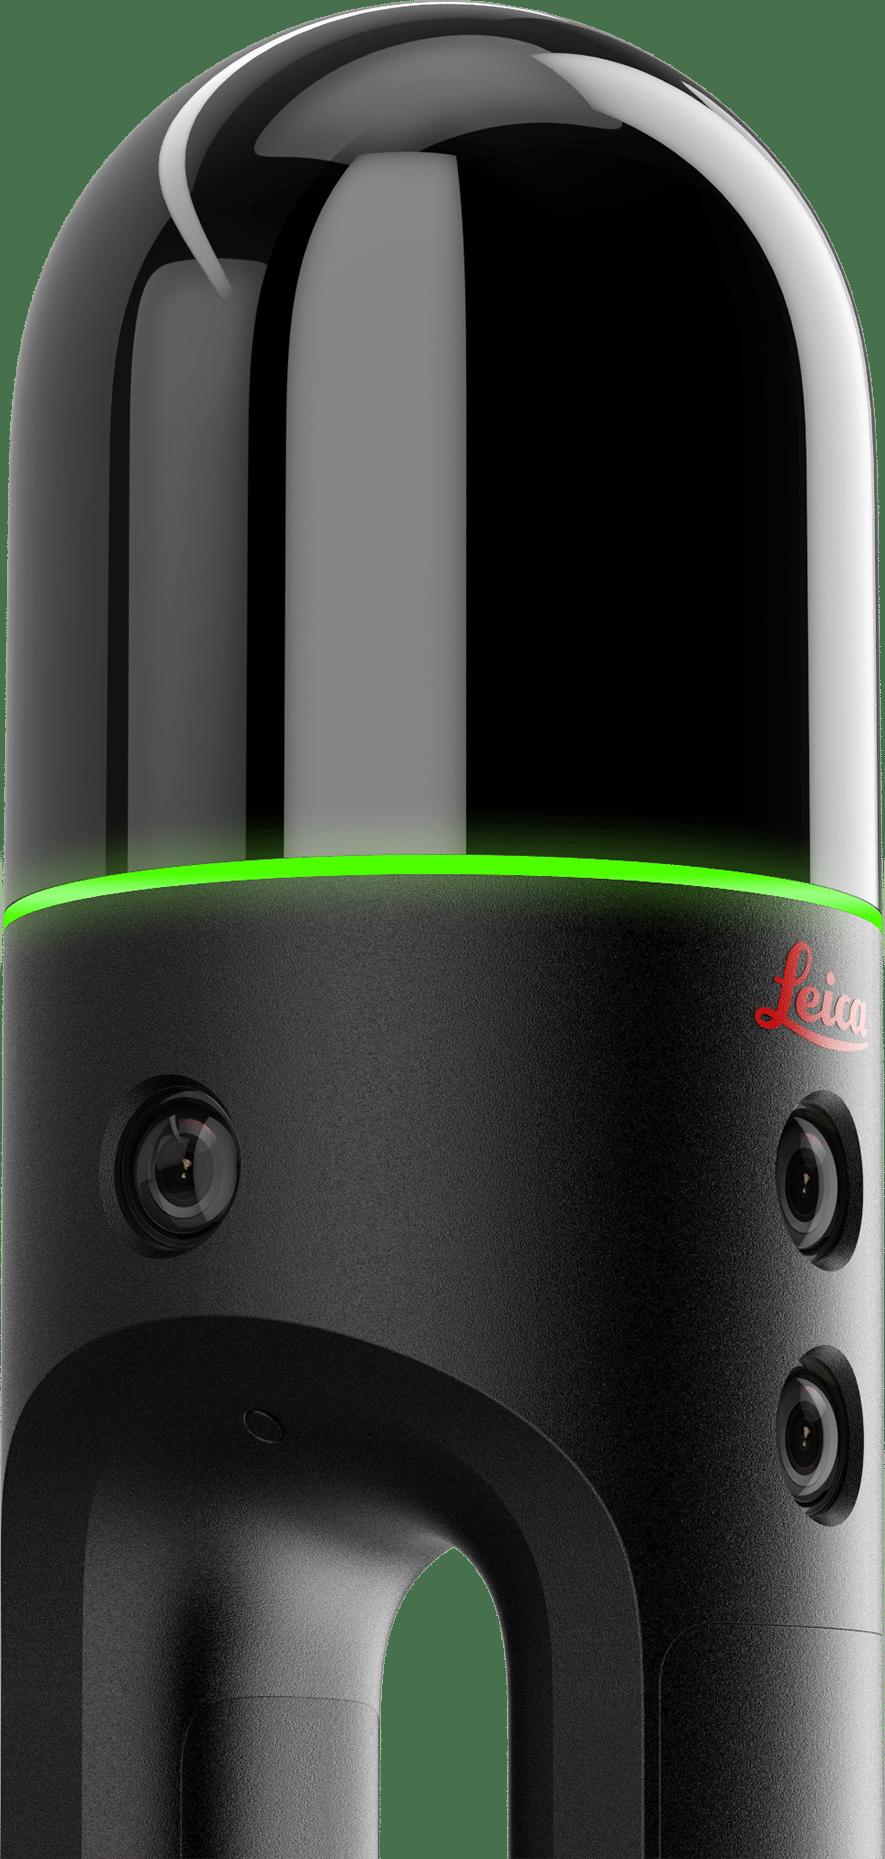 escáner láser